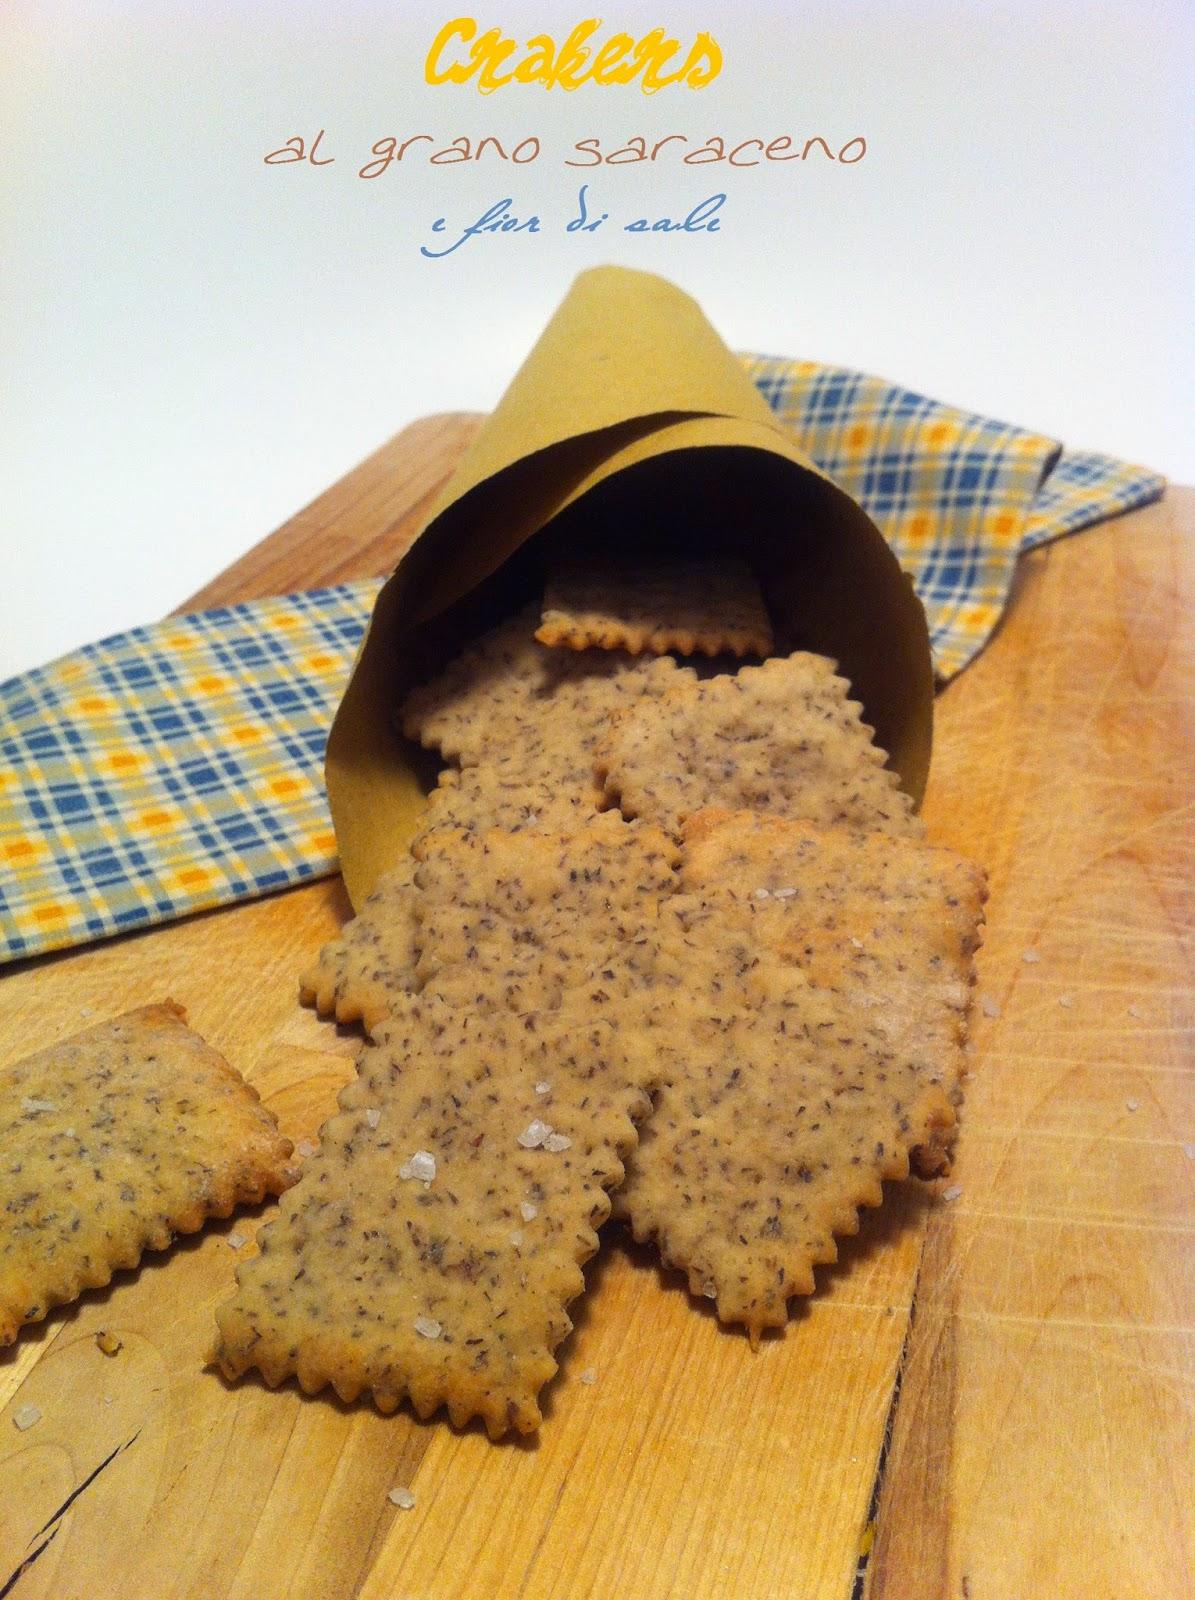 crackers al grano saraceno e fior di sale